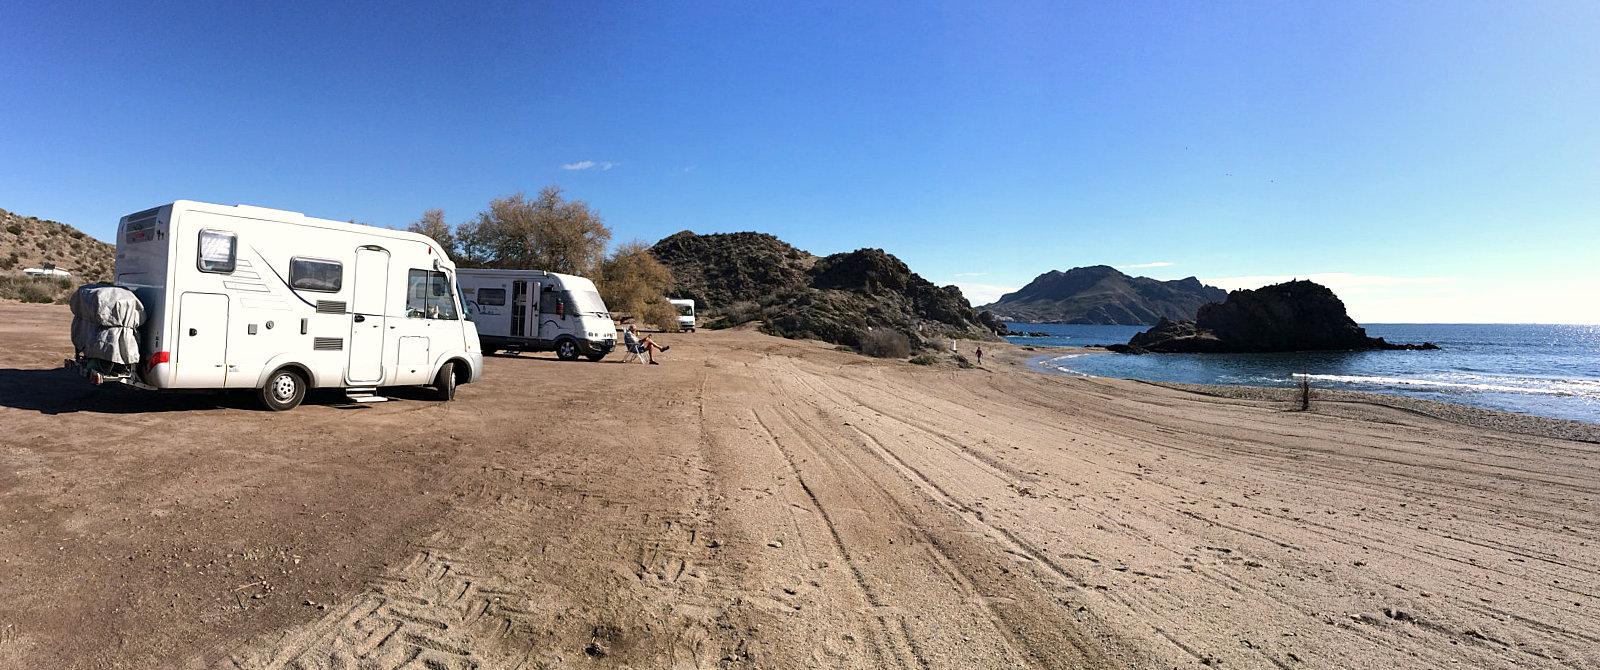 Sosta libera sulla spiaggia a Cabo Cope